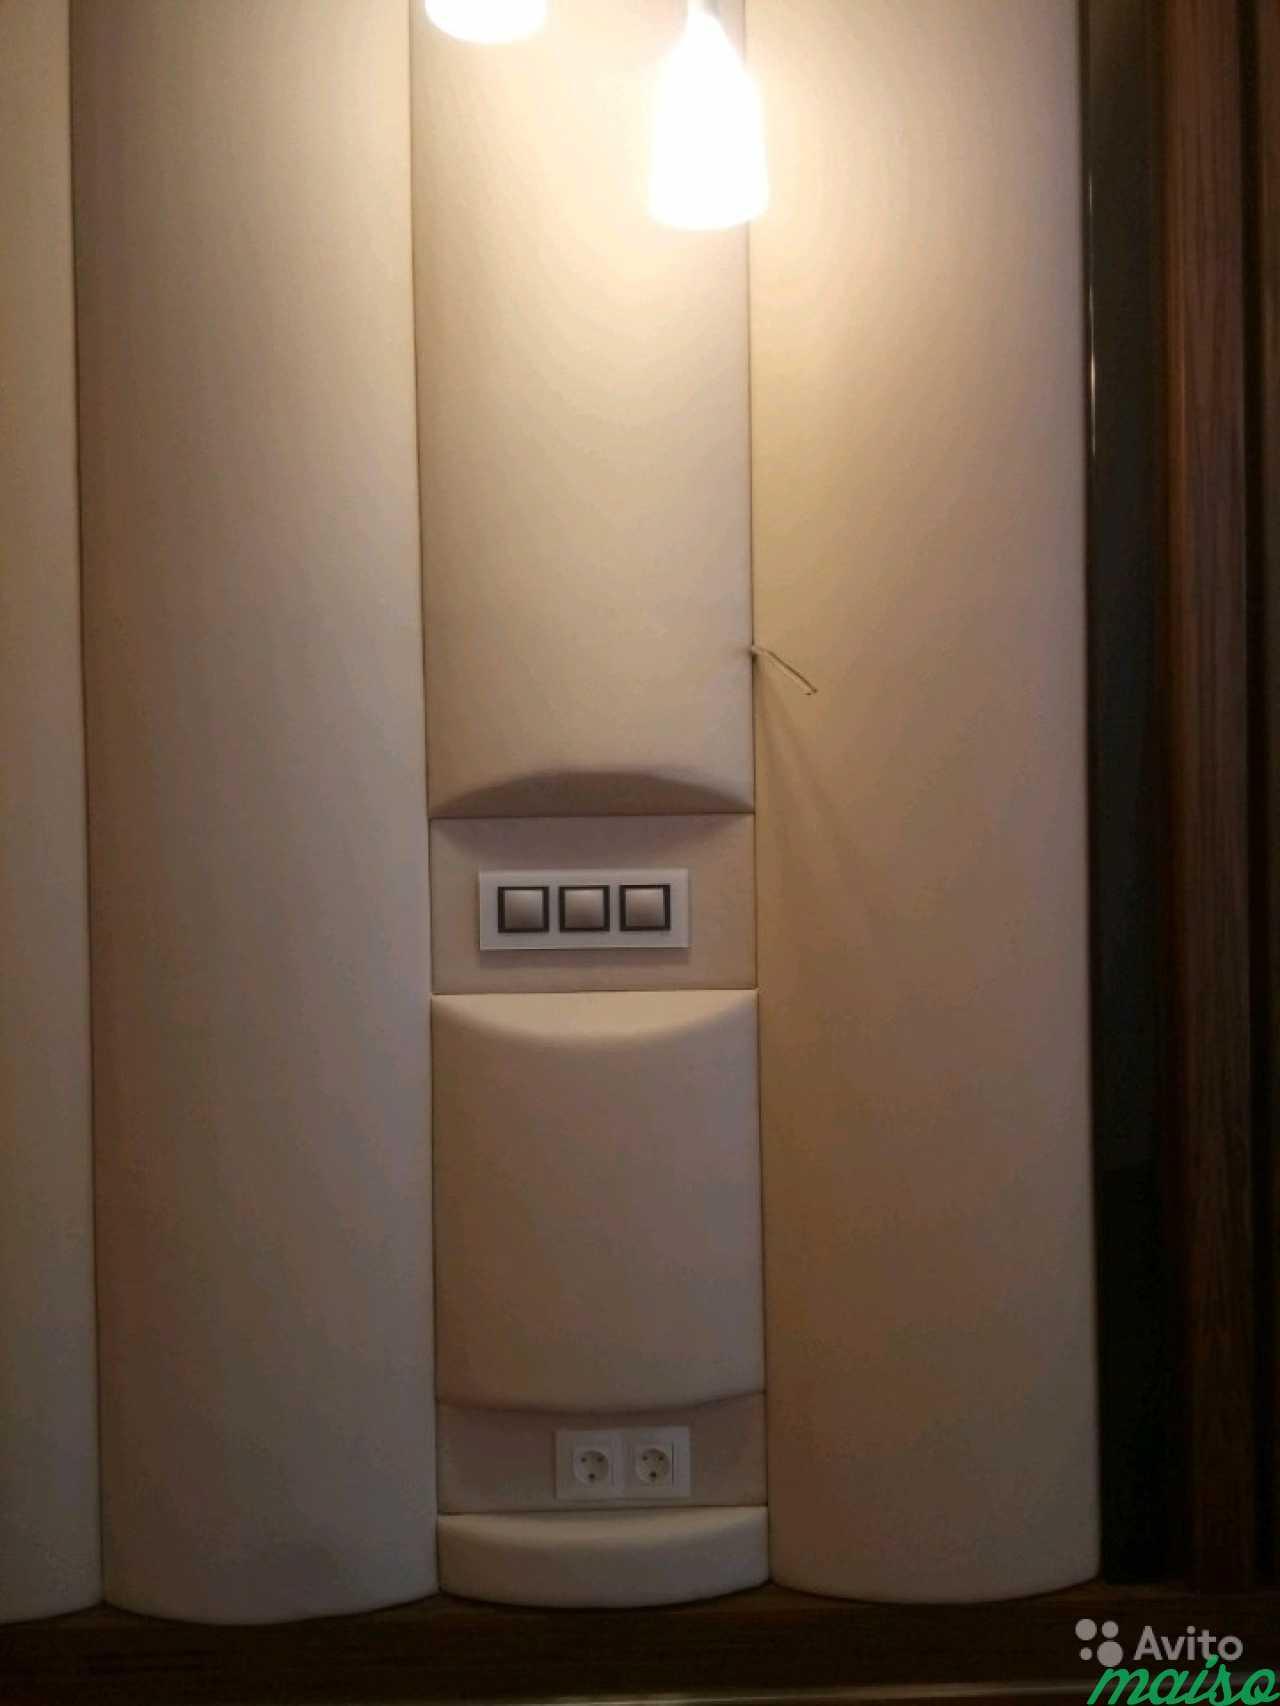 Электрик в квартире и загородном доме по спб и ло в Санкт-Петербурге. Фото 9